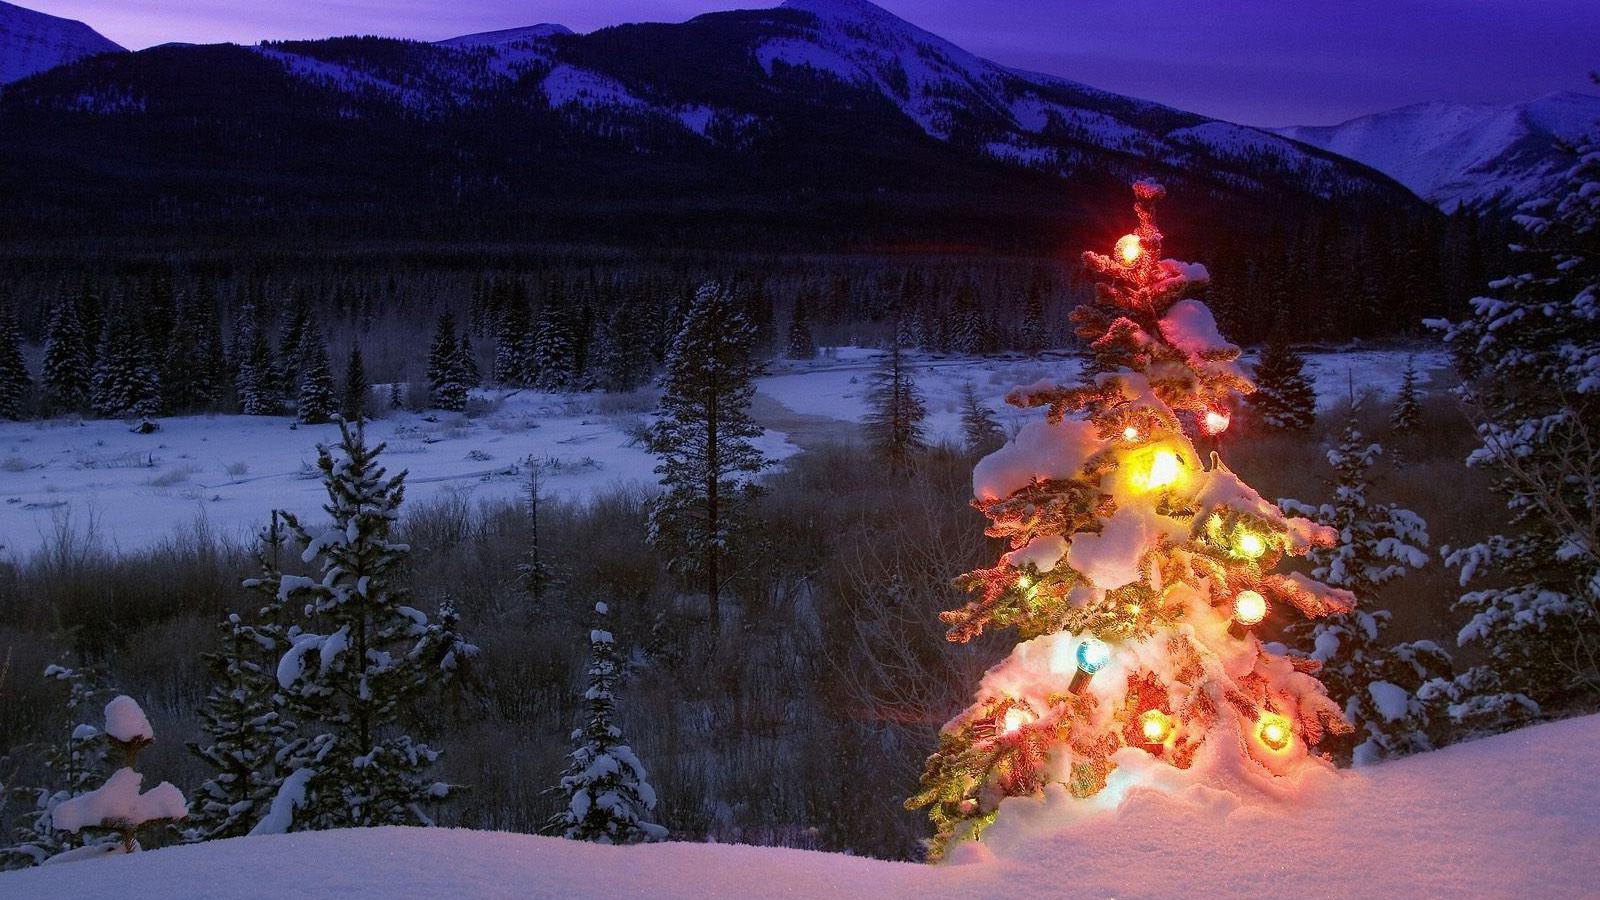 holiday-christmas-tree-colored-lantern-snow-mountain-night-1600x900.jpg